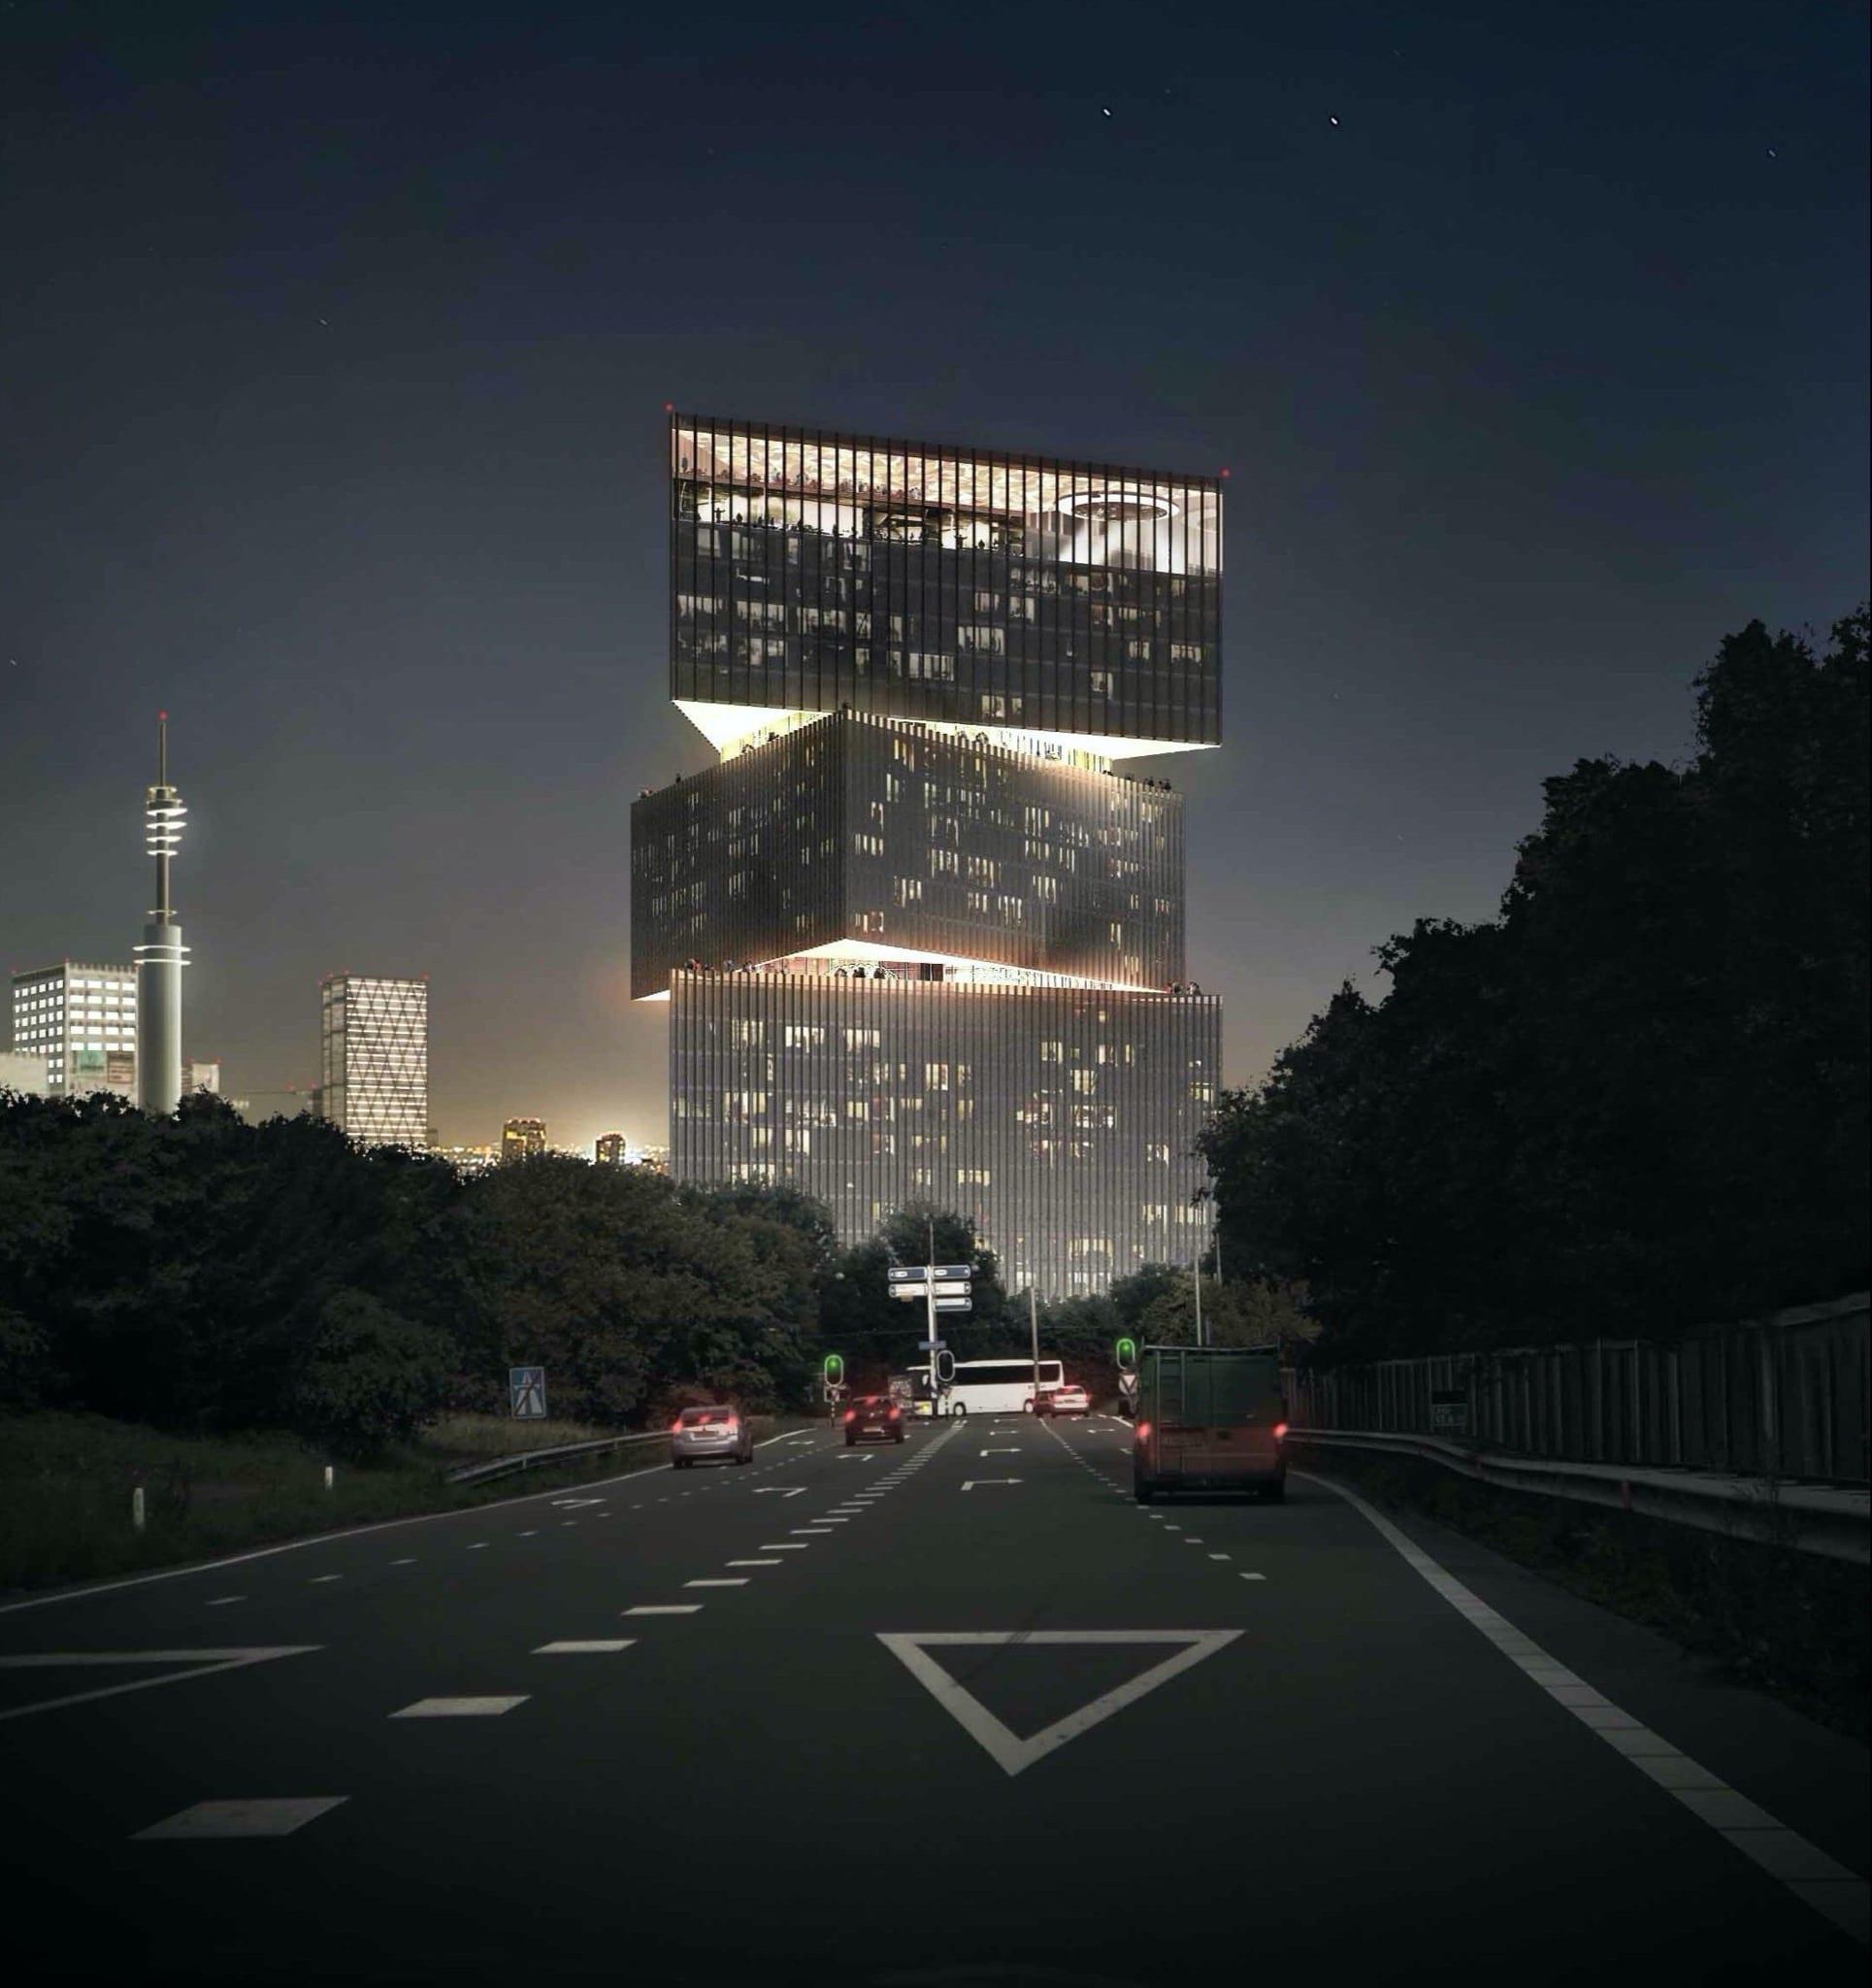 nhow Amsterdam RAI hotel 1 e1534843228150 copy - Cele mai așteptate proiecte imobiliare ale anului 2019 (II)